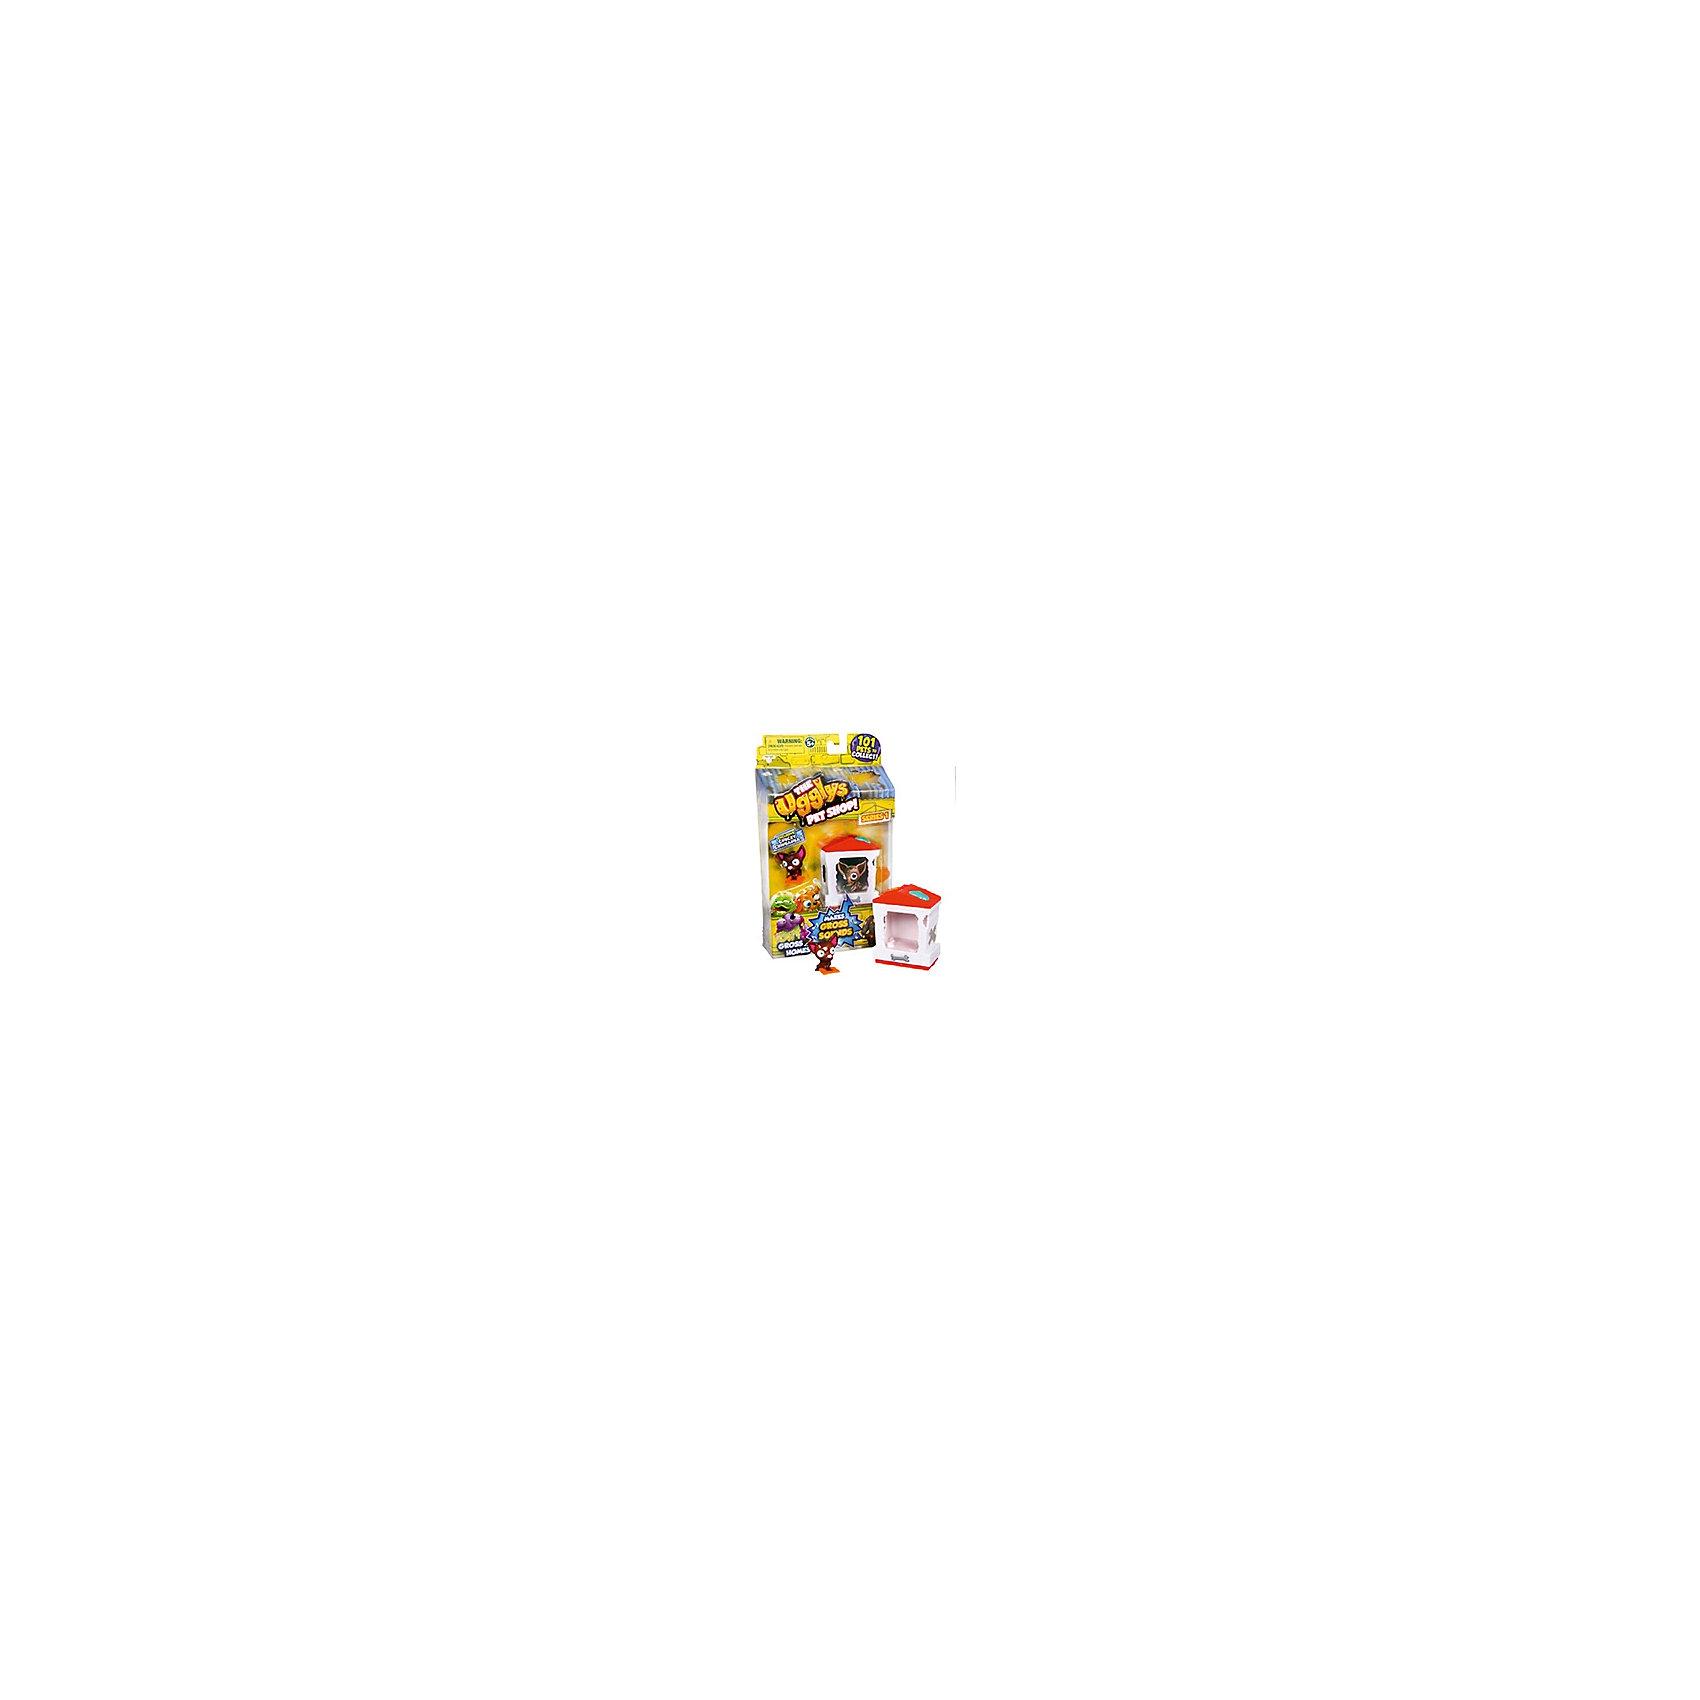 Набор Домик с фигуркой Catdhsck, Ugglys Pet ShopНабор Домик с фигуркой, Ugglys Pet Shop – это настоящая находка для юной любительницы хулиганских питомцев.<br>Игровой набор из серии «Хулиганские животные» состоит из домика для питомца со звуковыми эффектами и уникальной фигурки питомца, которую нельзя найти в других упаковках и наборах серии. Яркий домик также неказист, как его обитатель, но может издавать преотвратительные звуки, если на него нажать. А если соединить несколько домиков вместе, то из них получится этакая шумная многоэтажная хрущоба для животных.<br><br>Дополнительная информация:<br><br>- В наборе: домик, уникальная фигурка<br>- Материал: высококачественная пластмасса, прорезиненный материал<br>- Батарейки: 2 батарейки LR44 (в комплект не входят)<br>- Размер упаковки: 140х230х50 мм.<br>- Вес: 189 гр.<br><br>Набор Домик с фигуркой, Ugglys Pet Shop можно купить в нашем интернет-магазине.<br><br>Ширина мм: 140<br>Глубина мм: 230<br>Высота мм: 50<br>Вес г: 189<br>Возраст от месяцев: 60<br>Возраст до месяцев: 144<br>Пол: Унисекс<br>Возраст: Детский<br>SKU: 4849995